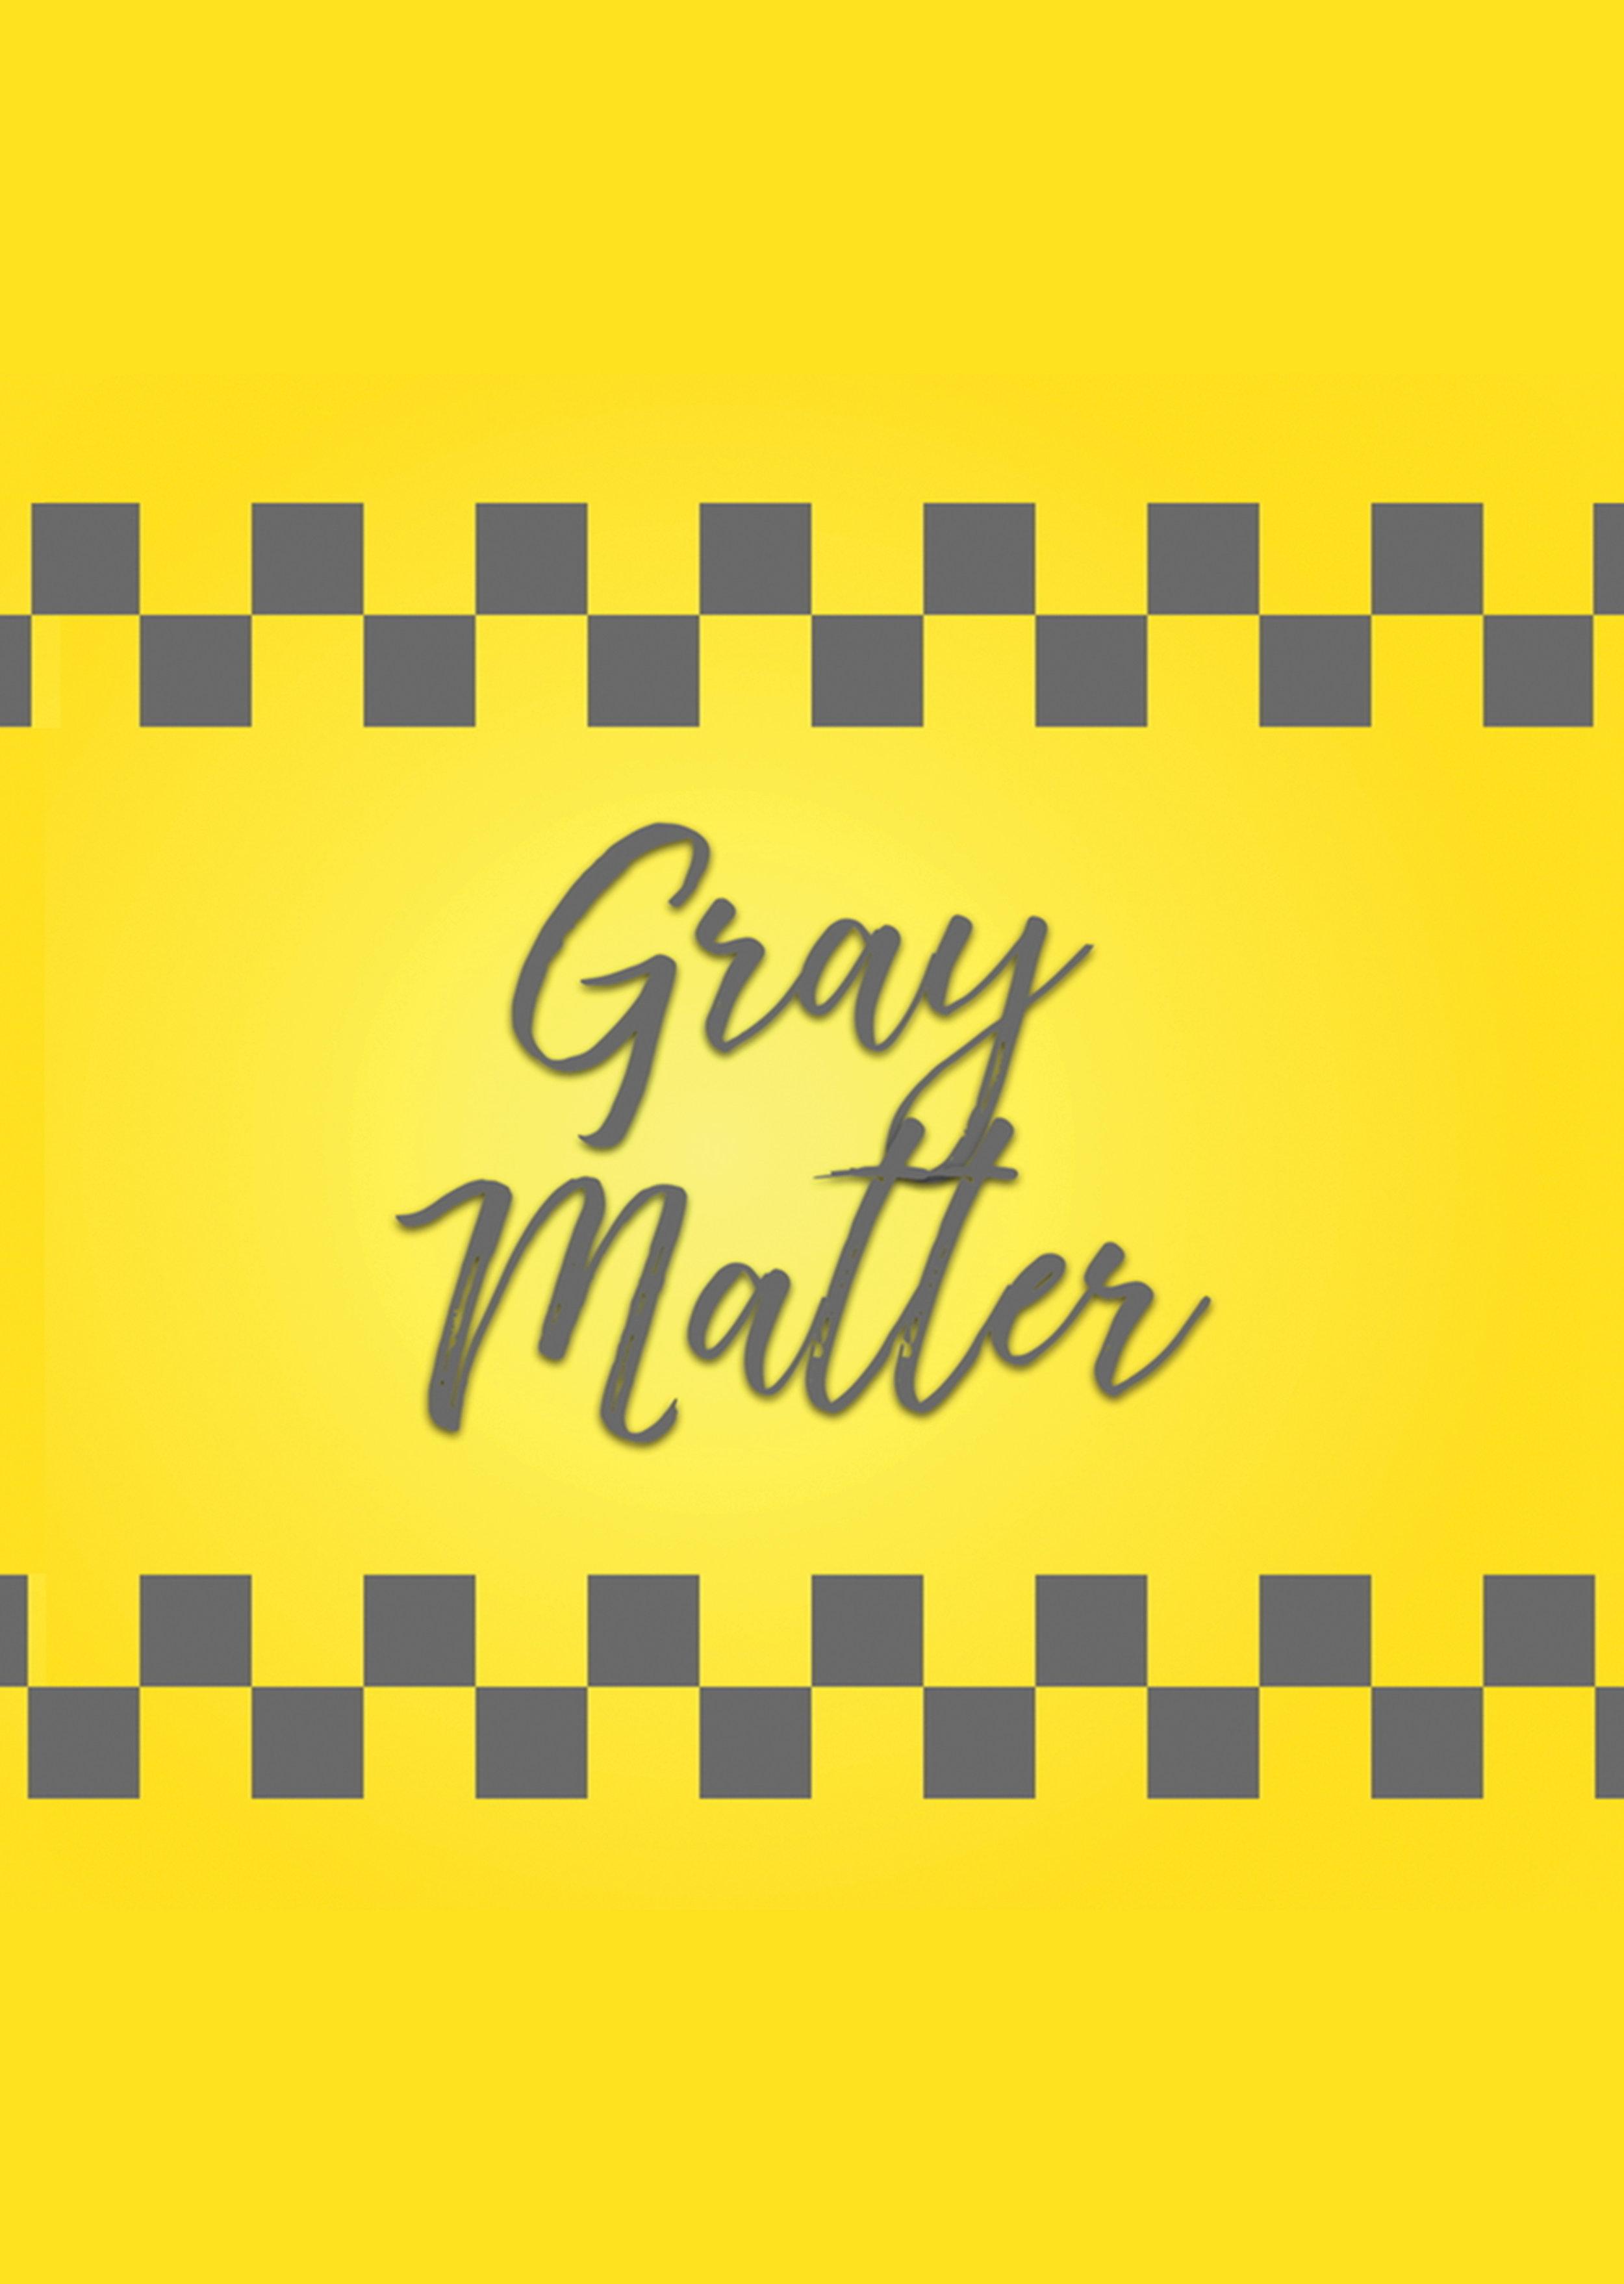 GrayMatter_Poster.jpg